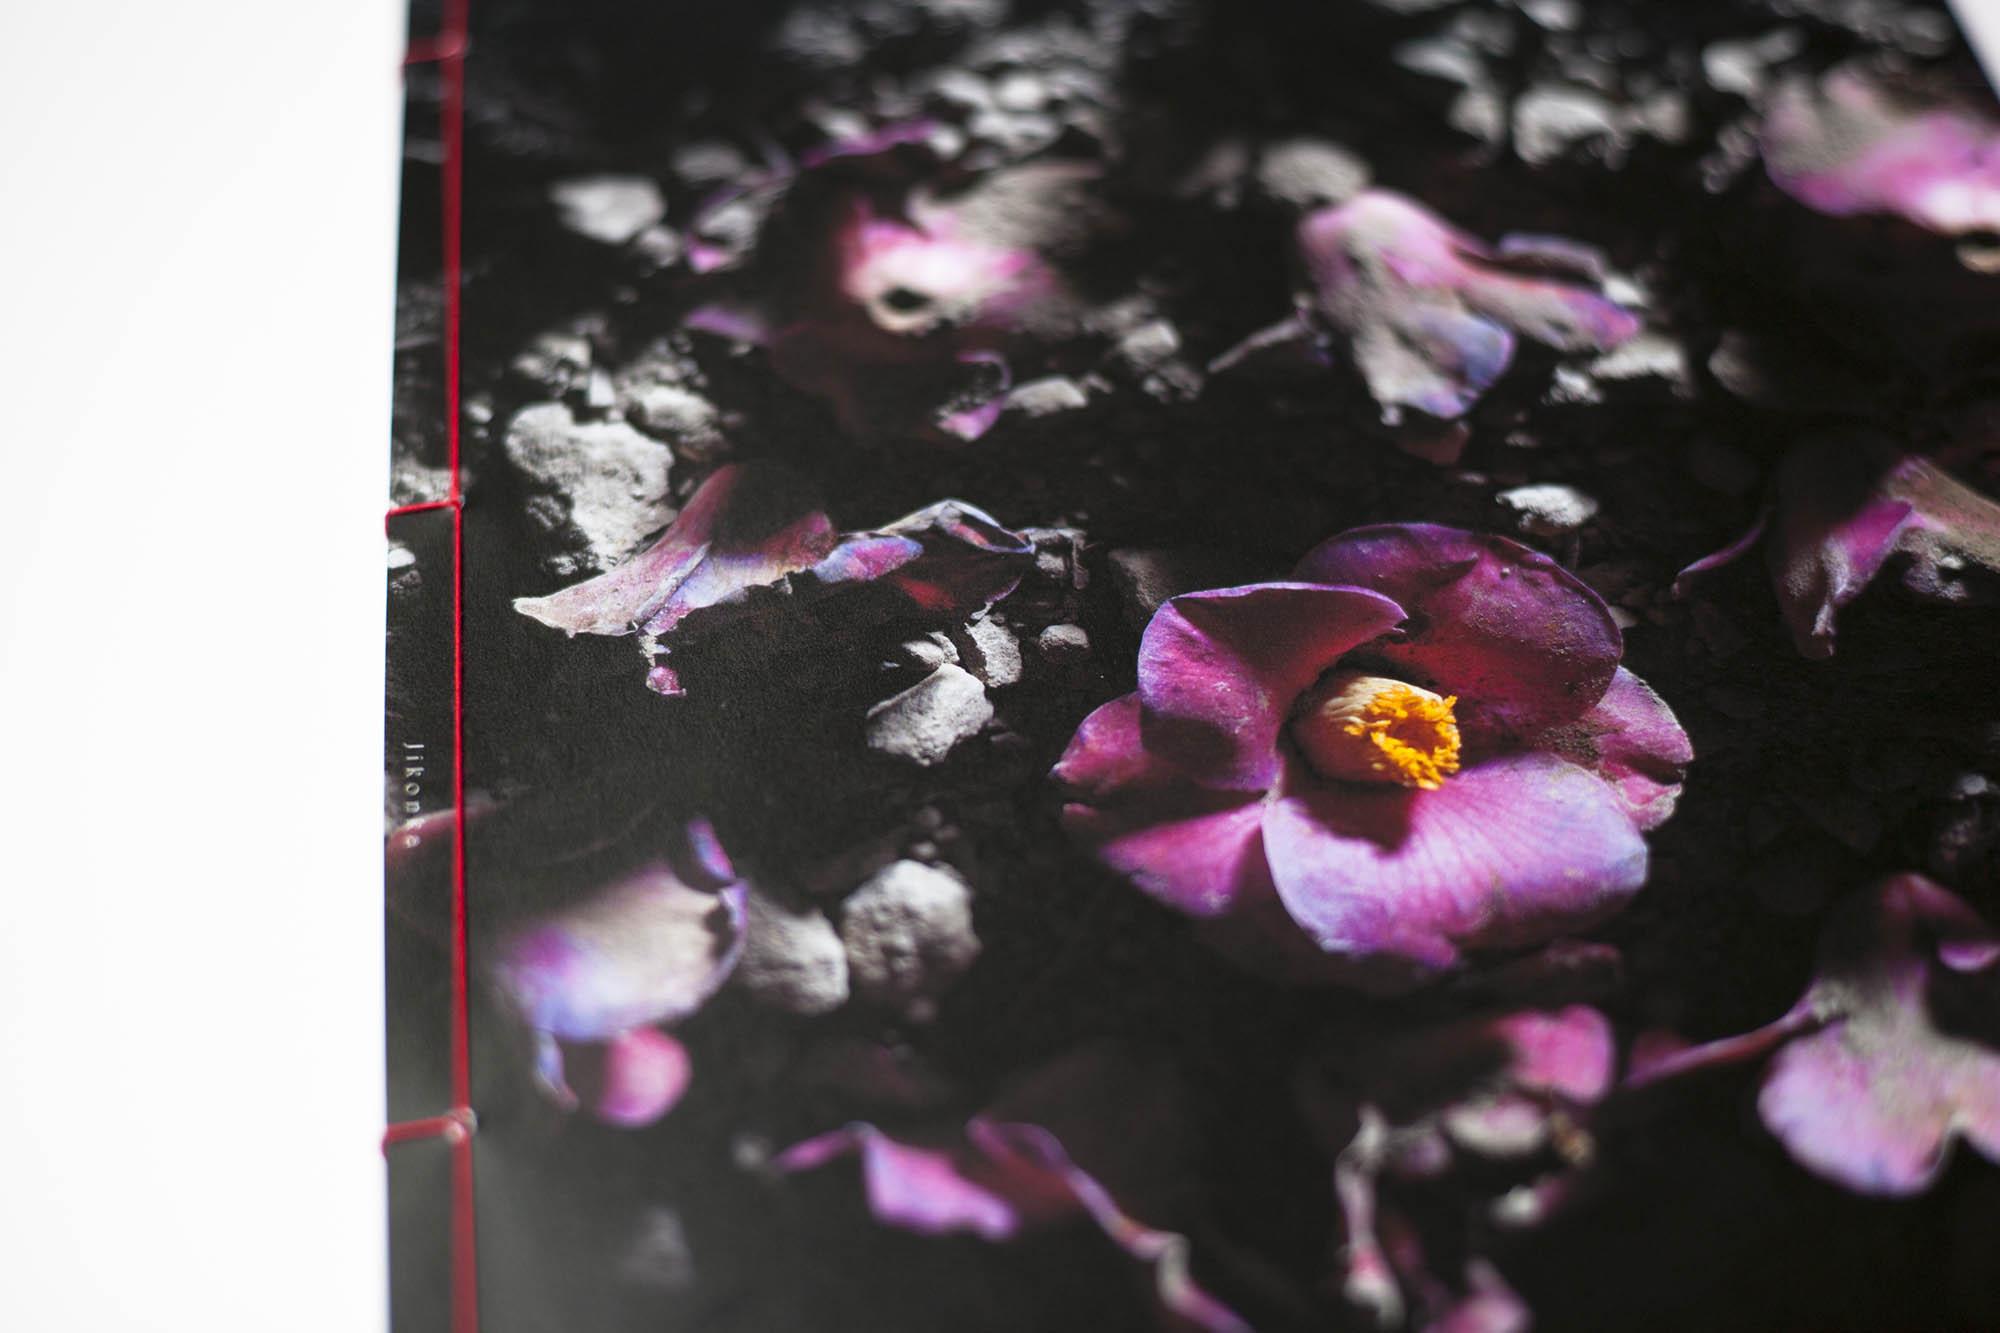 HANA 上野雄次 中里和人 作品集 装幀 デザイン 和綴じ近影